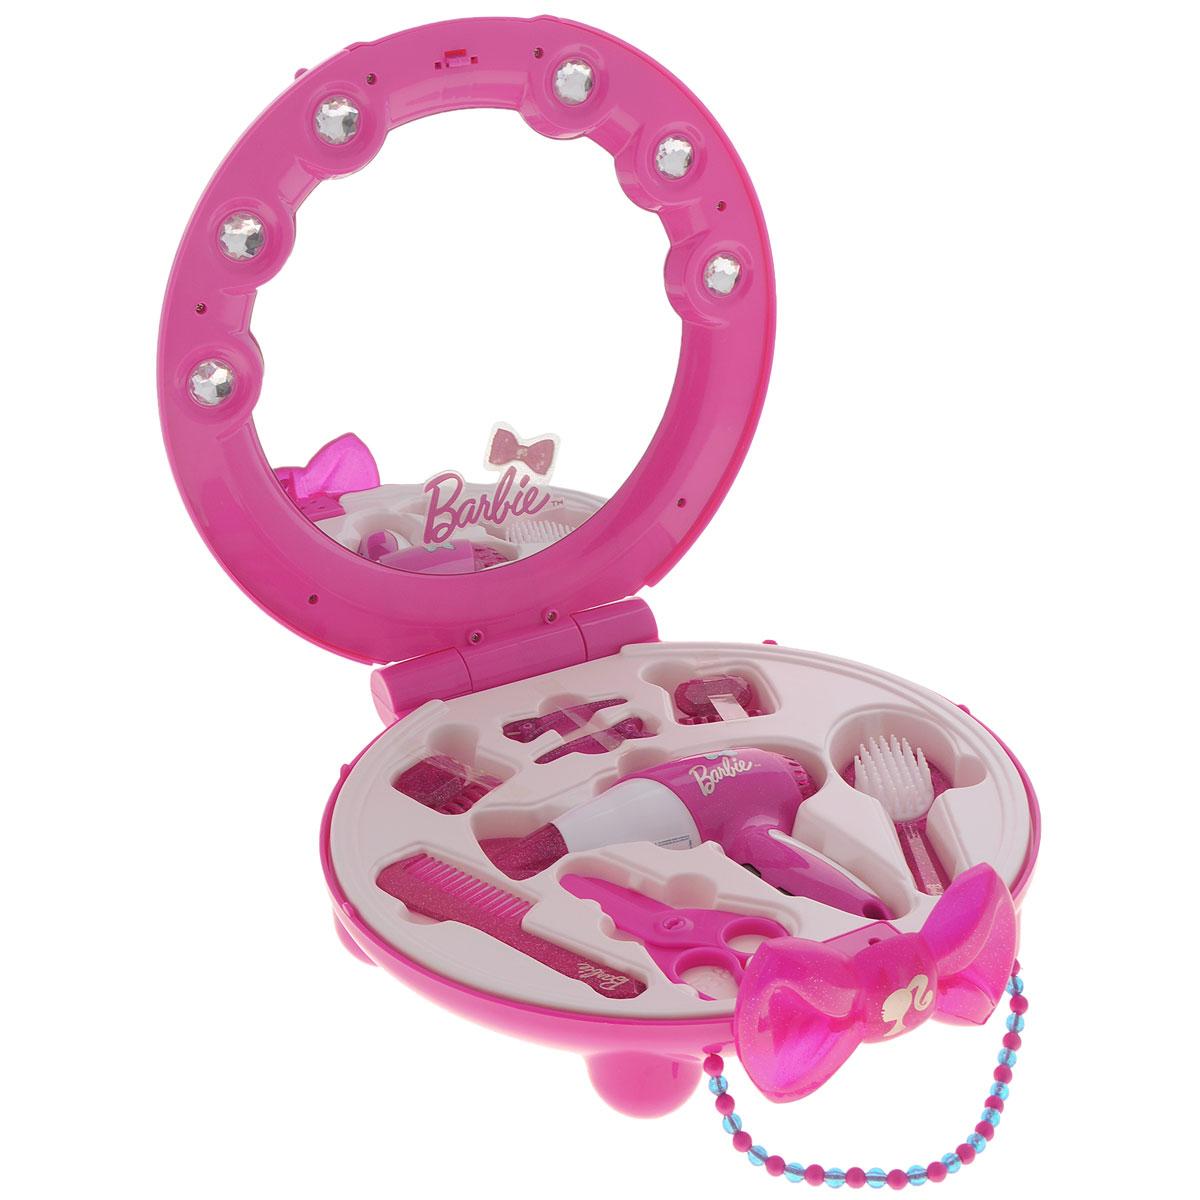 Игровой набор Klein Barbie. Набор стилиста, 8 предметов